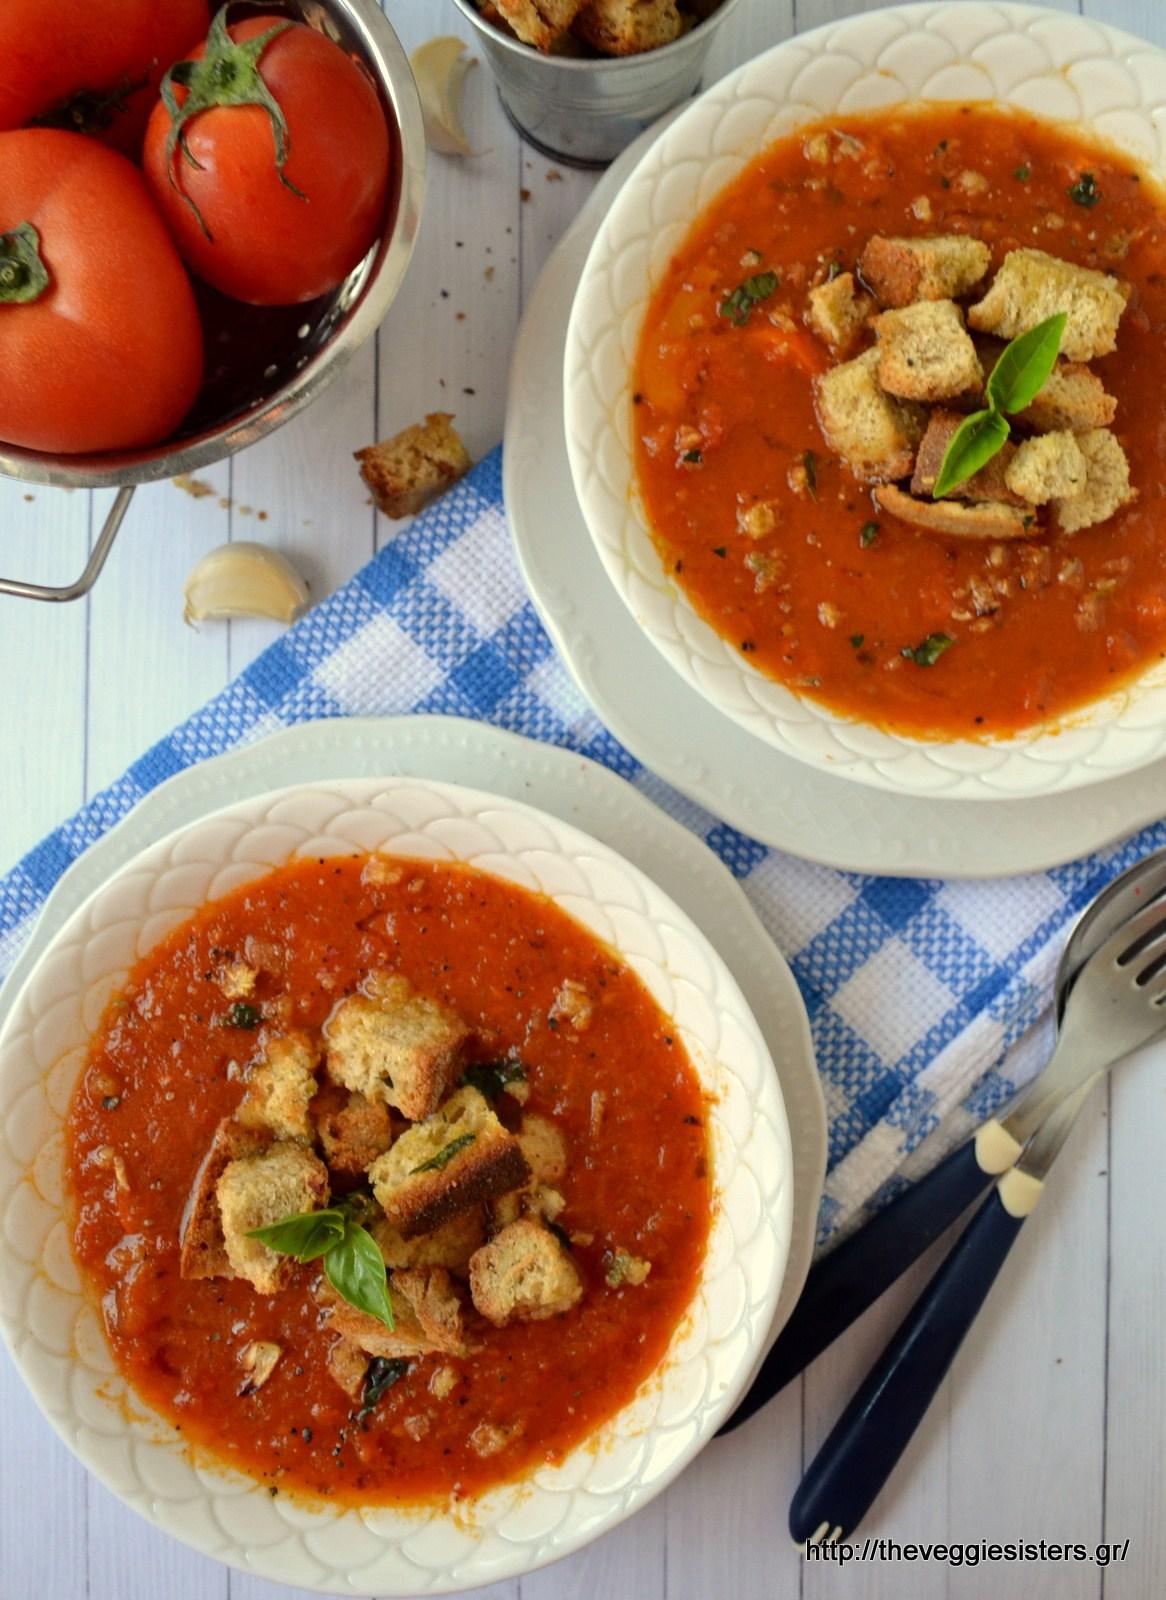 Καλοκαιρινή βελουτέ σούπα με ψητές ντομάτες και βασιλικό